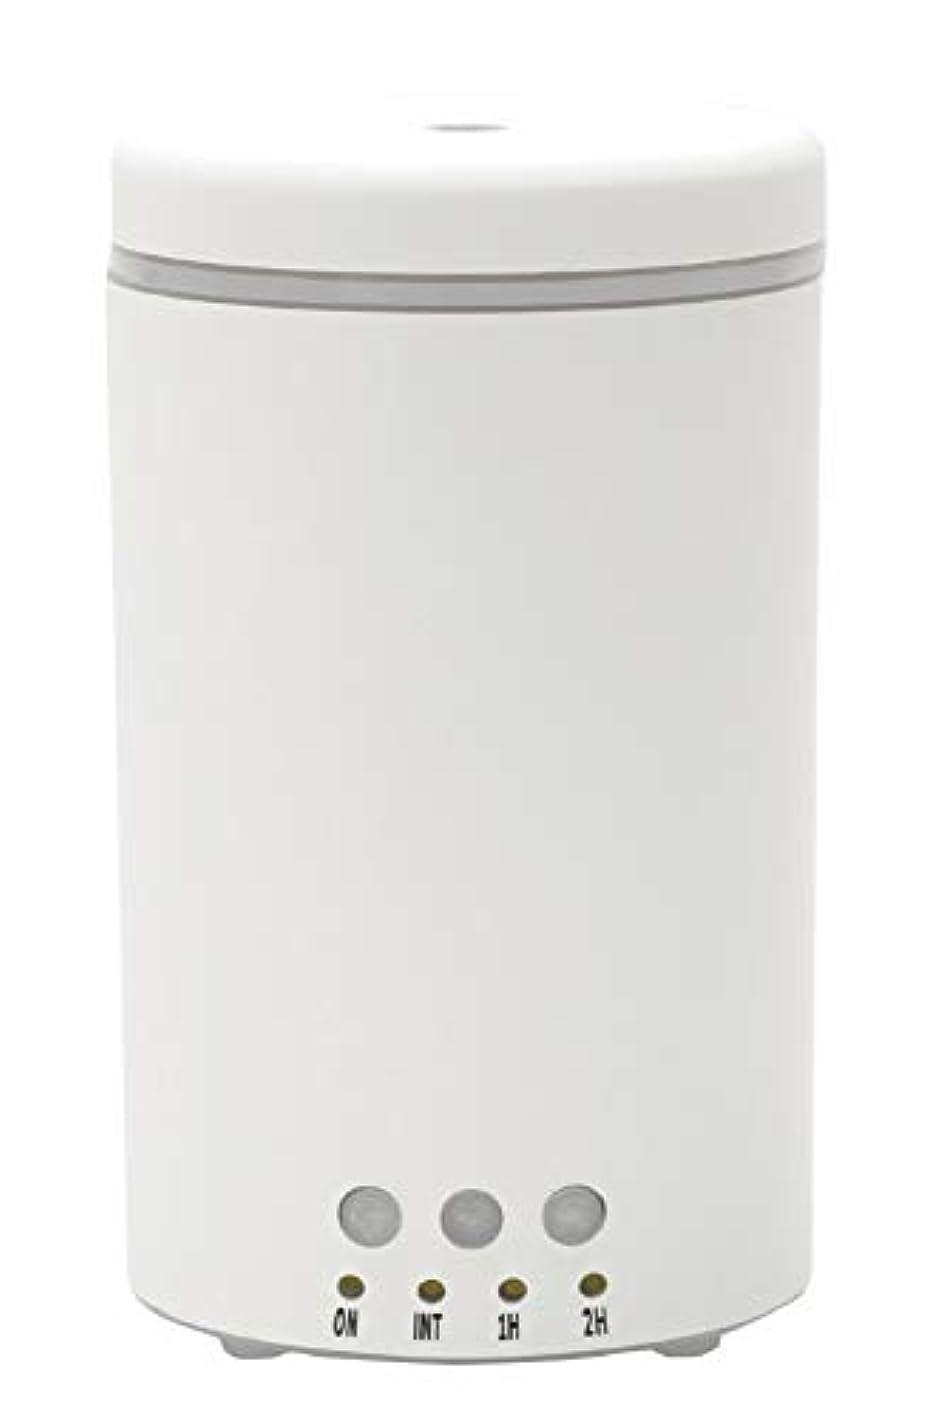 ノルコーポレーション アロマディフューザー 超音波式 150ml ホワイト OP-AMD-1-3